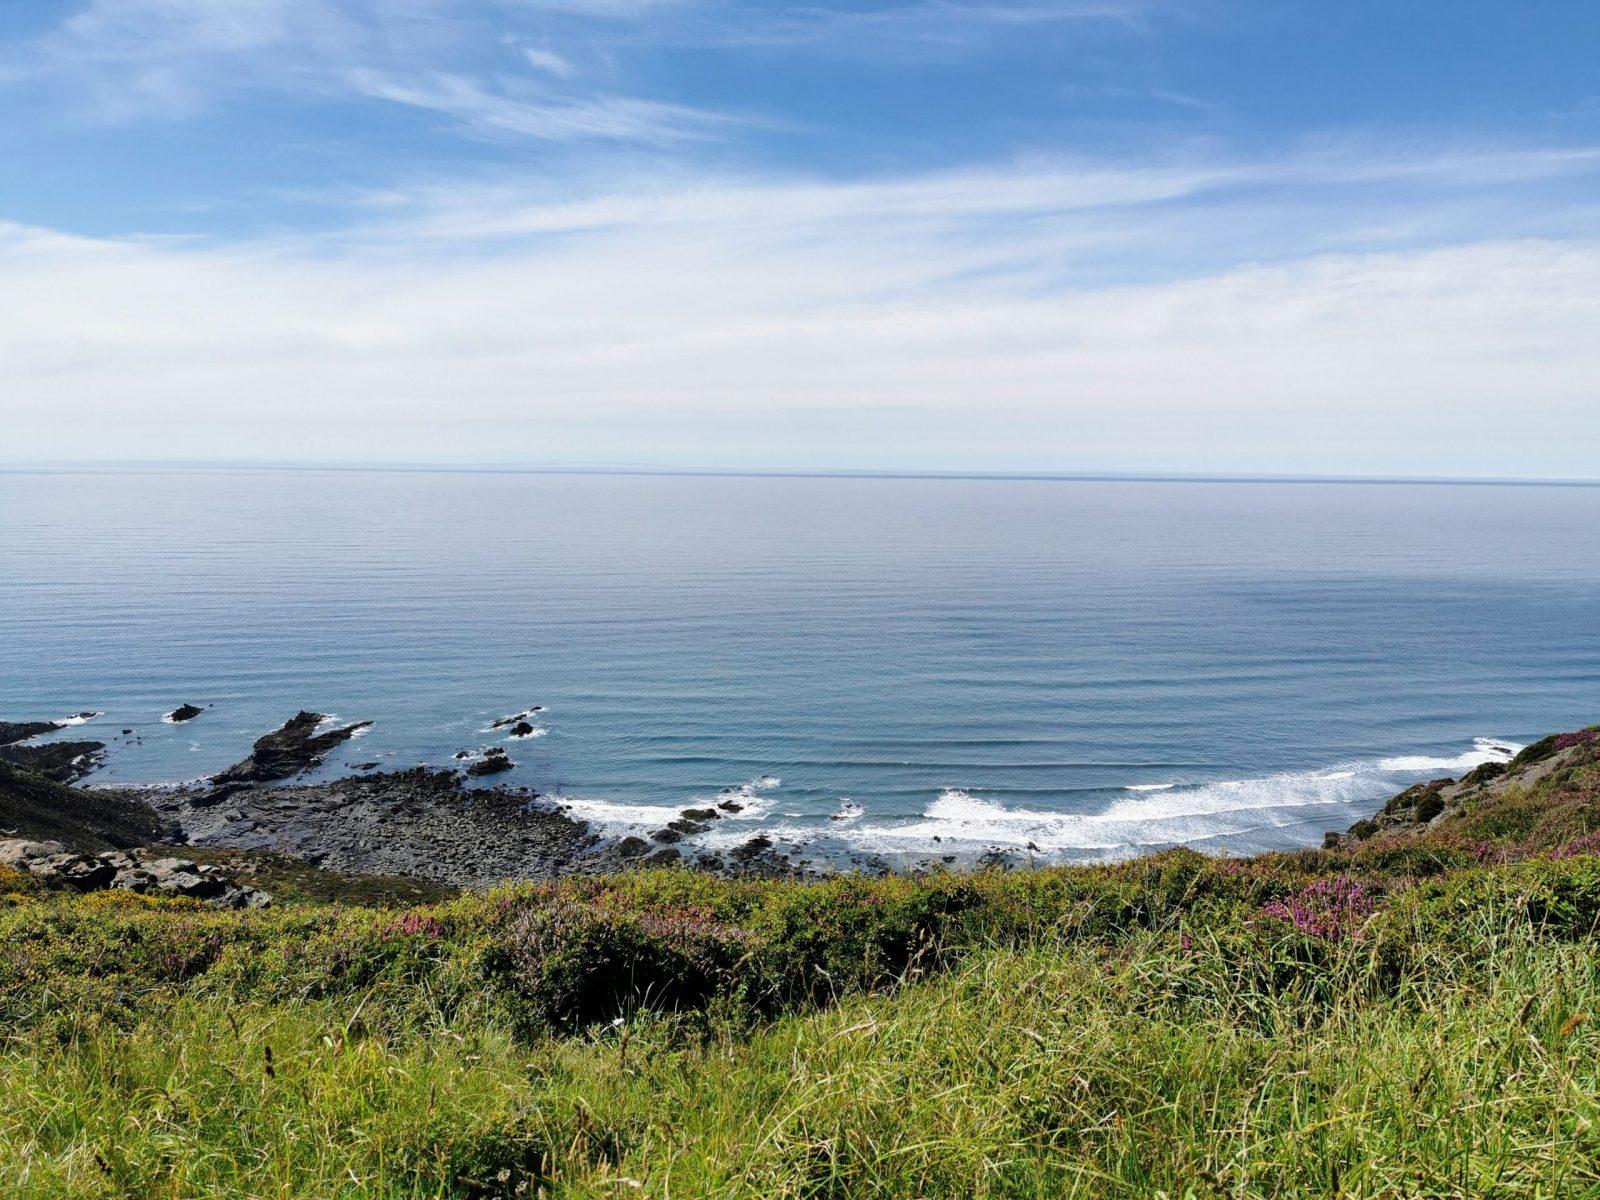 The Strangles Beach & Trail: A Hidden & Quiet Beach in Cornwall 9